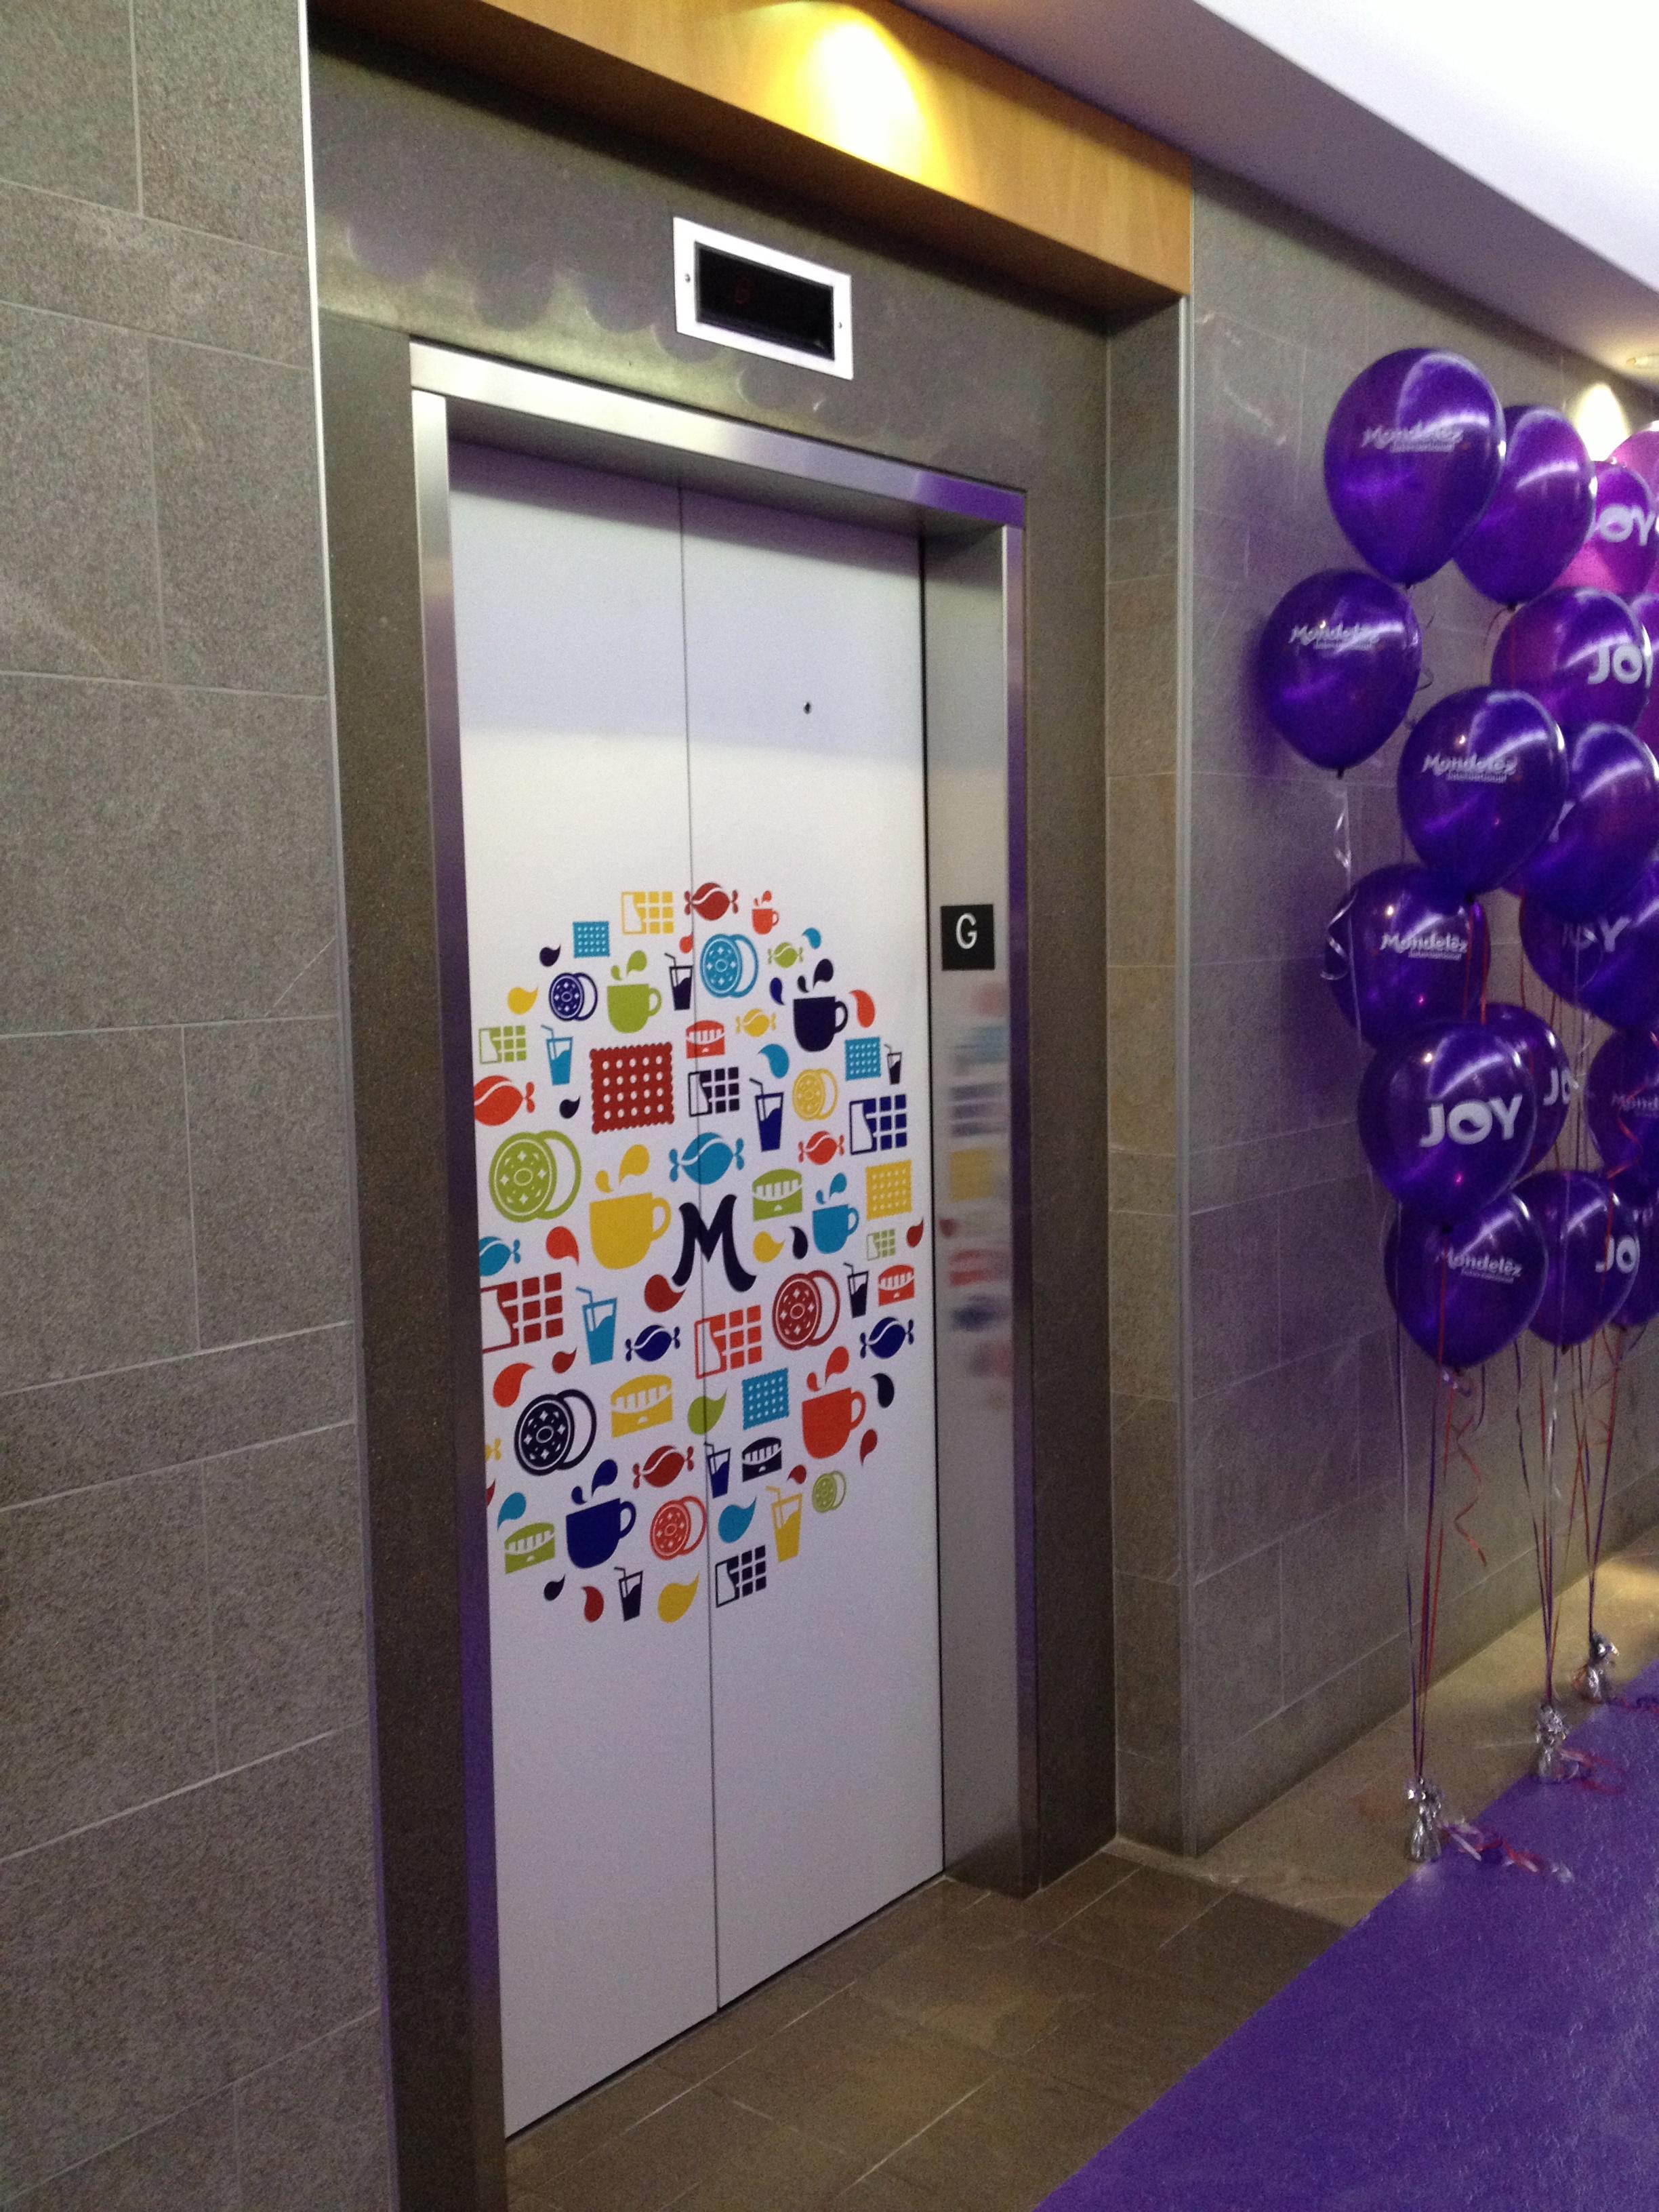 Elevator door graphics - Mondelez